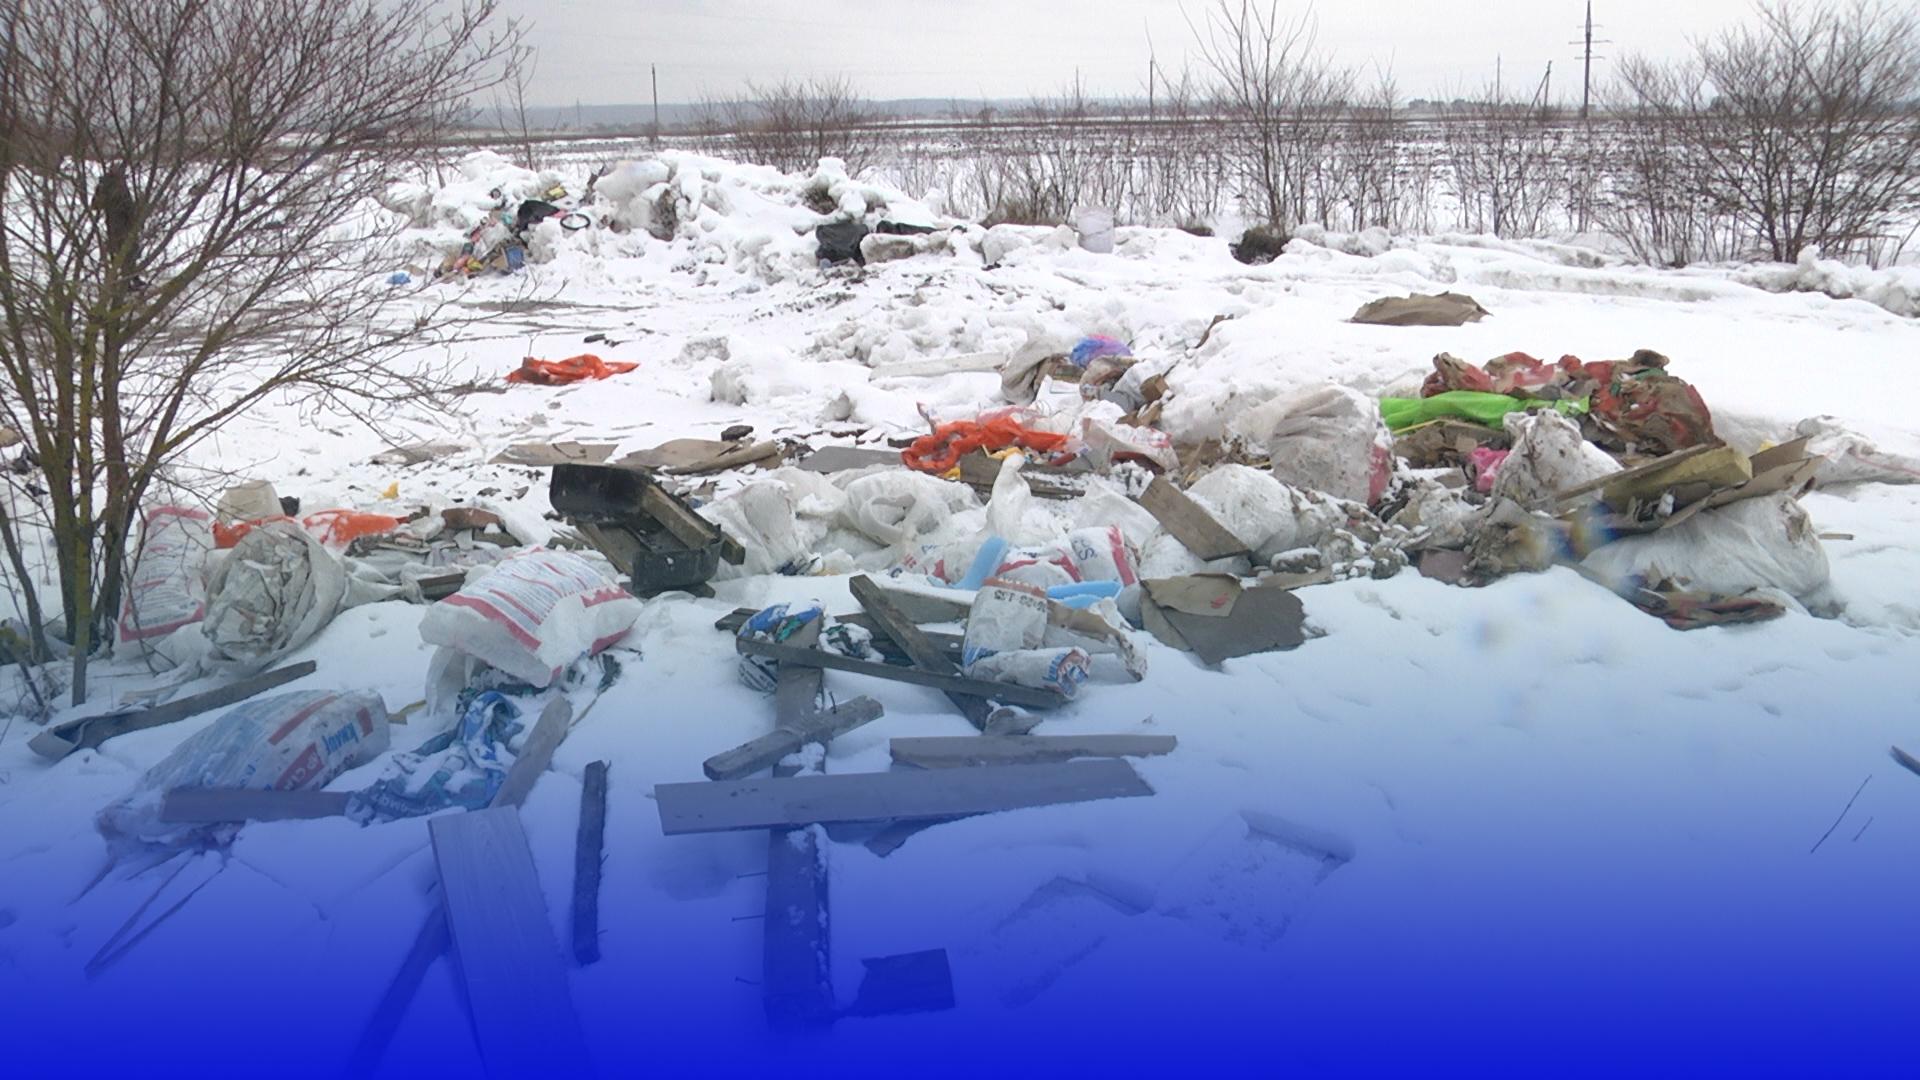 Чиє сміття? В Білецькій громаді виявили несанкціоноване звалище мотлоху